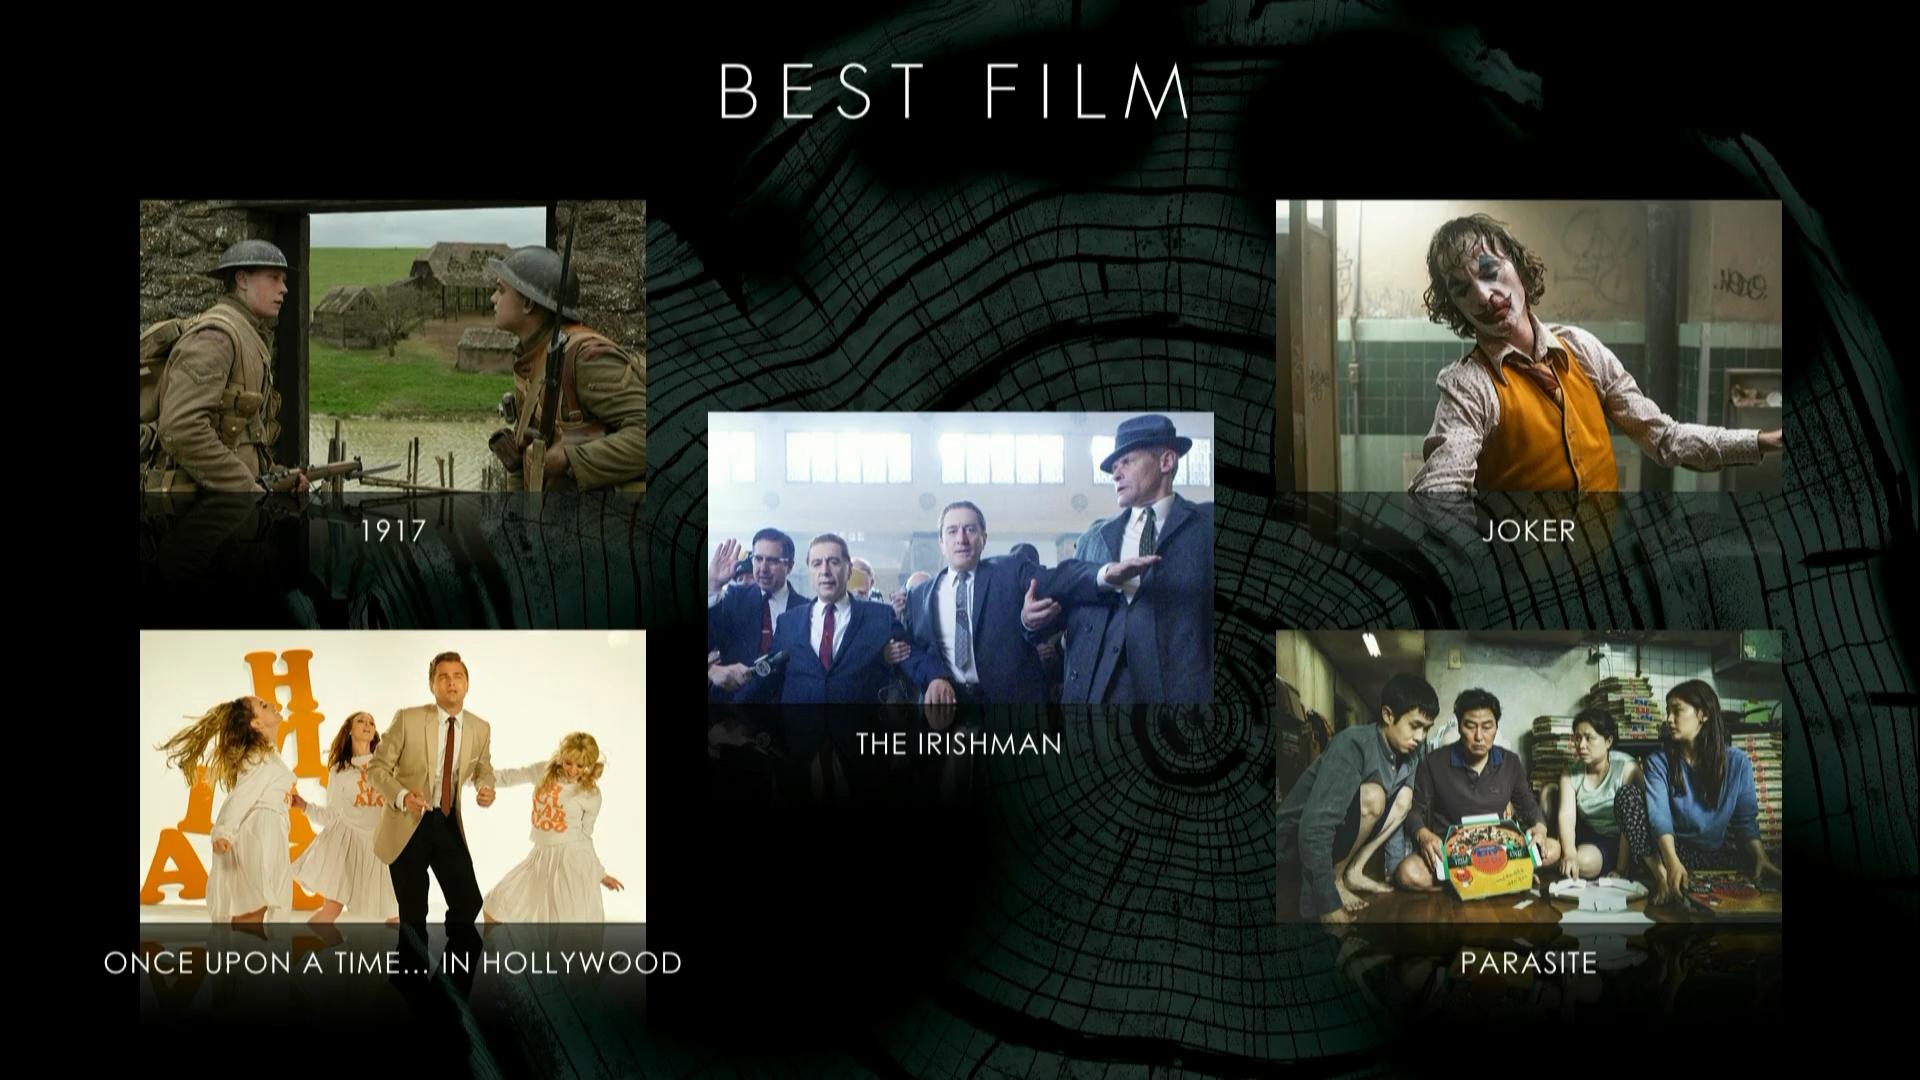 英国电影学院奖提名揭晓,《小丑》11项领跑图片